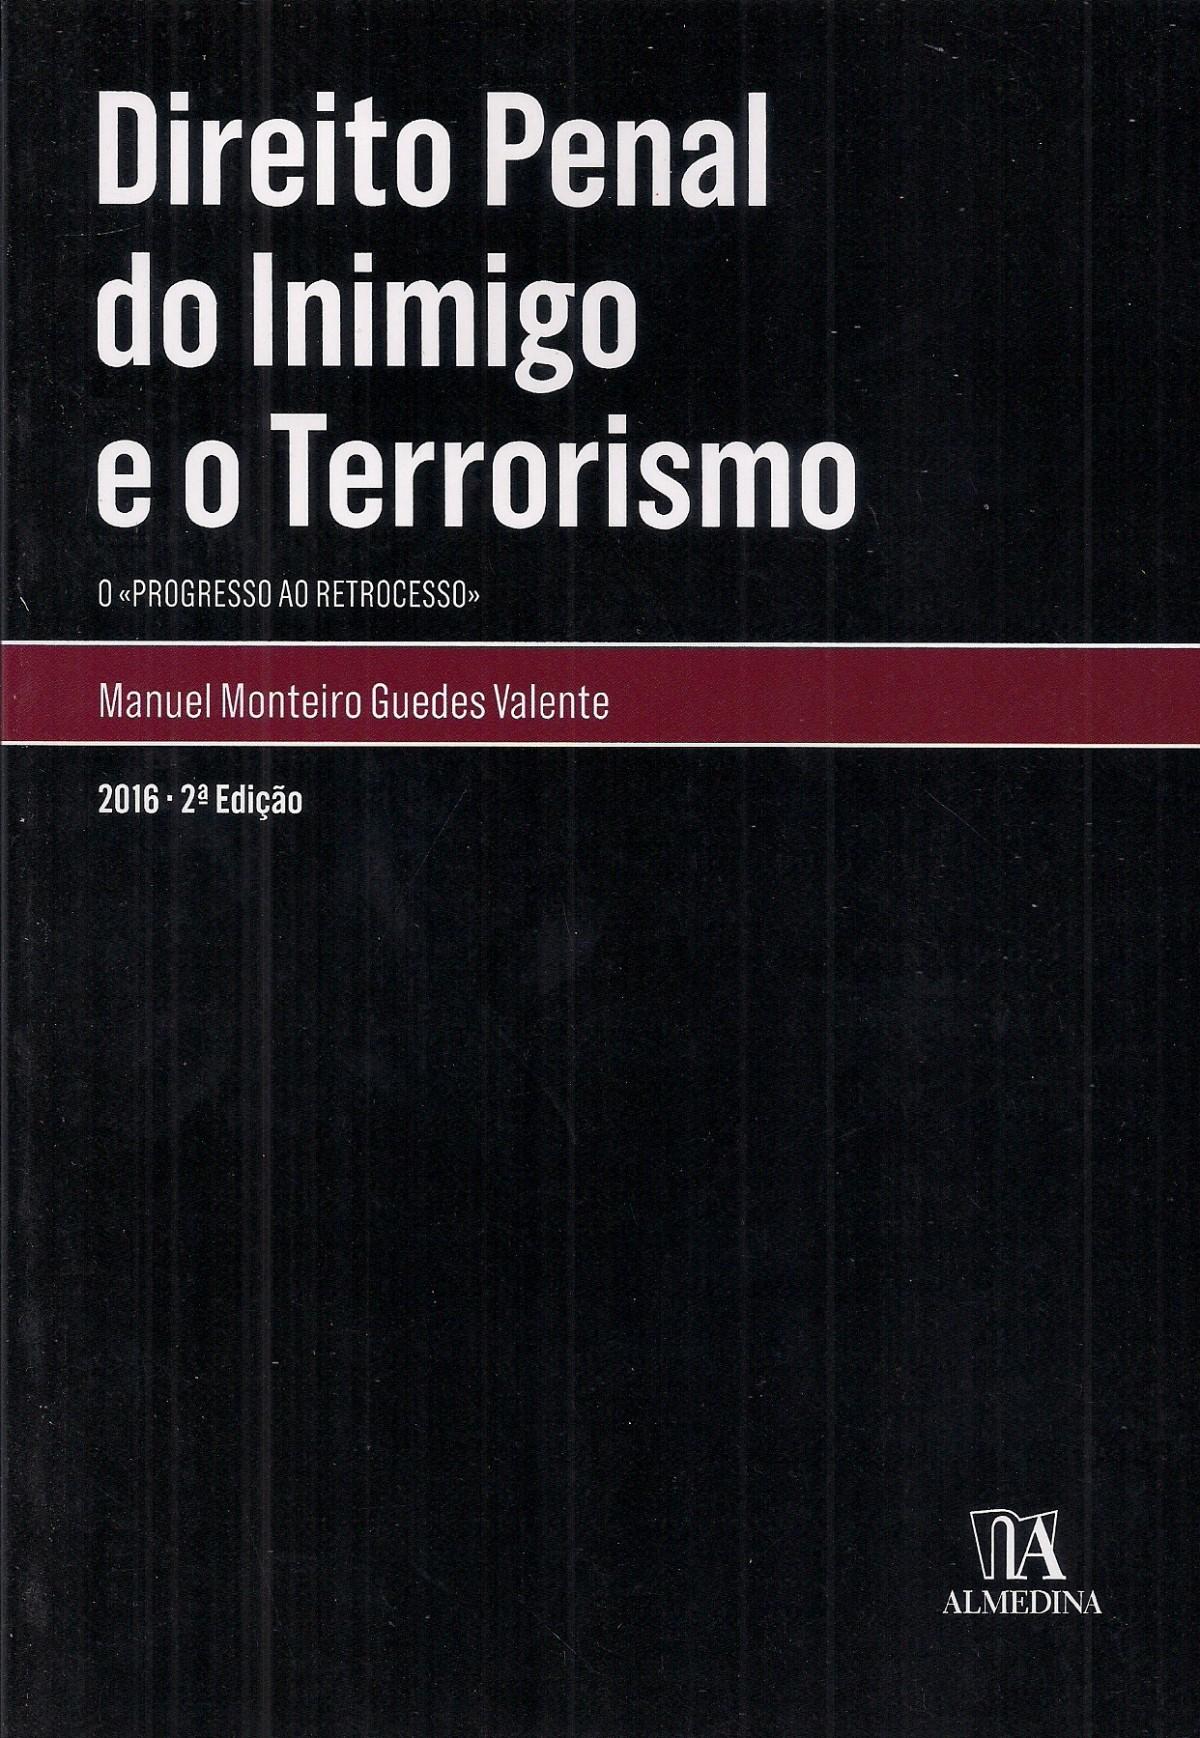 Foto 1 - Direito Penal do Inimigo e o Terrorismo